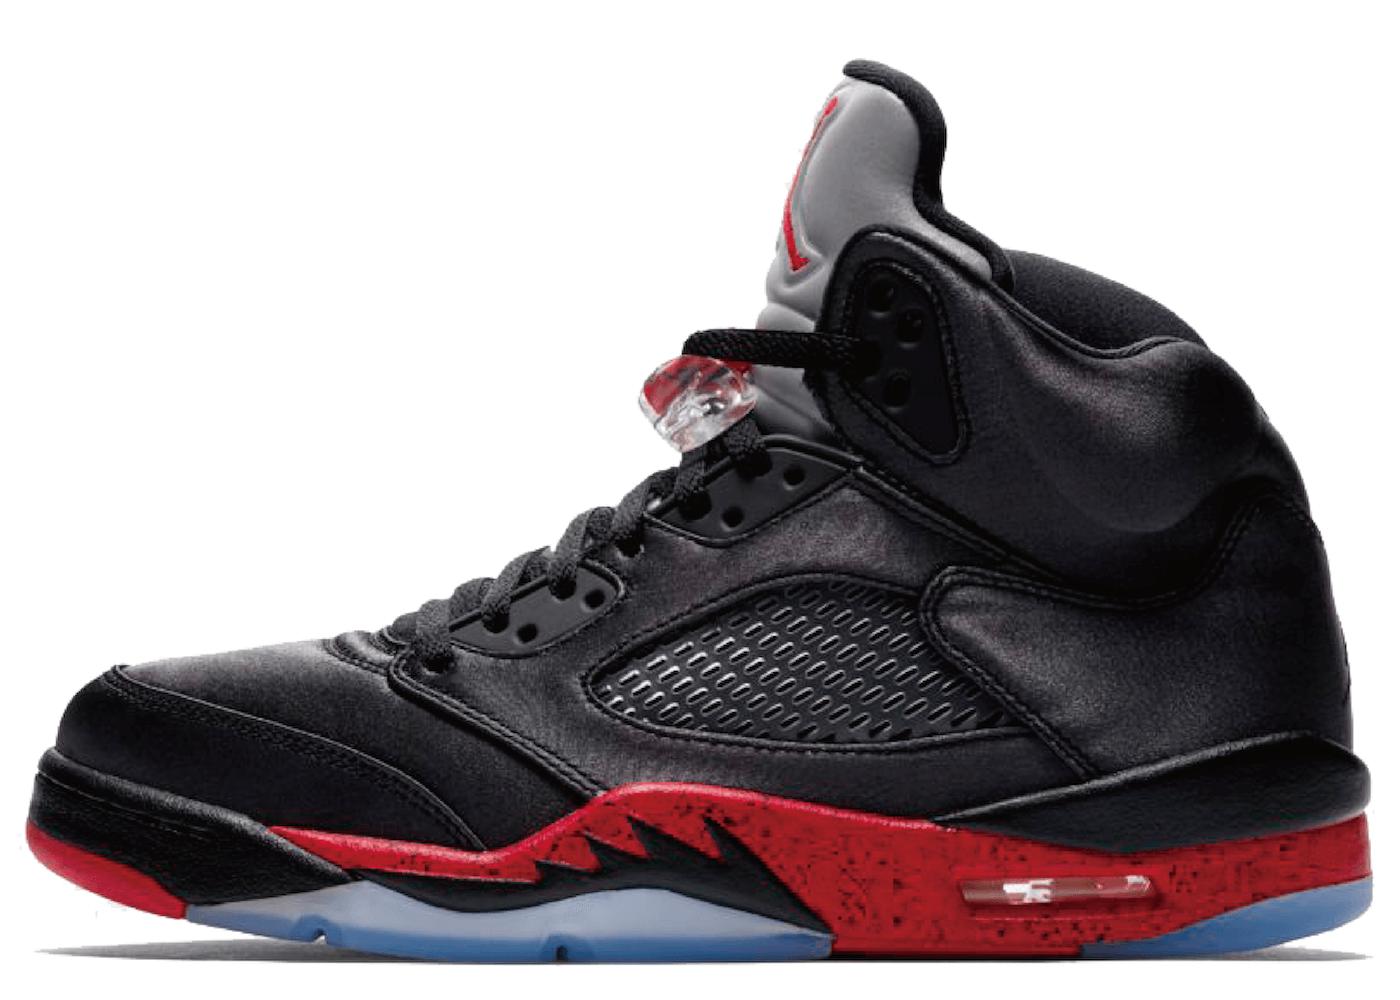 Nike Air Jordan 5 Retro Satin Bredの写真